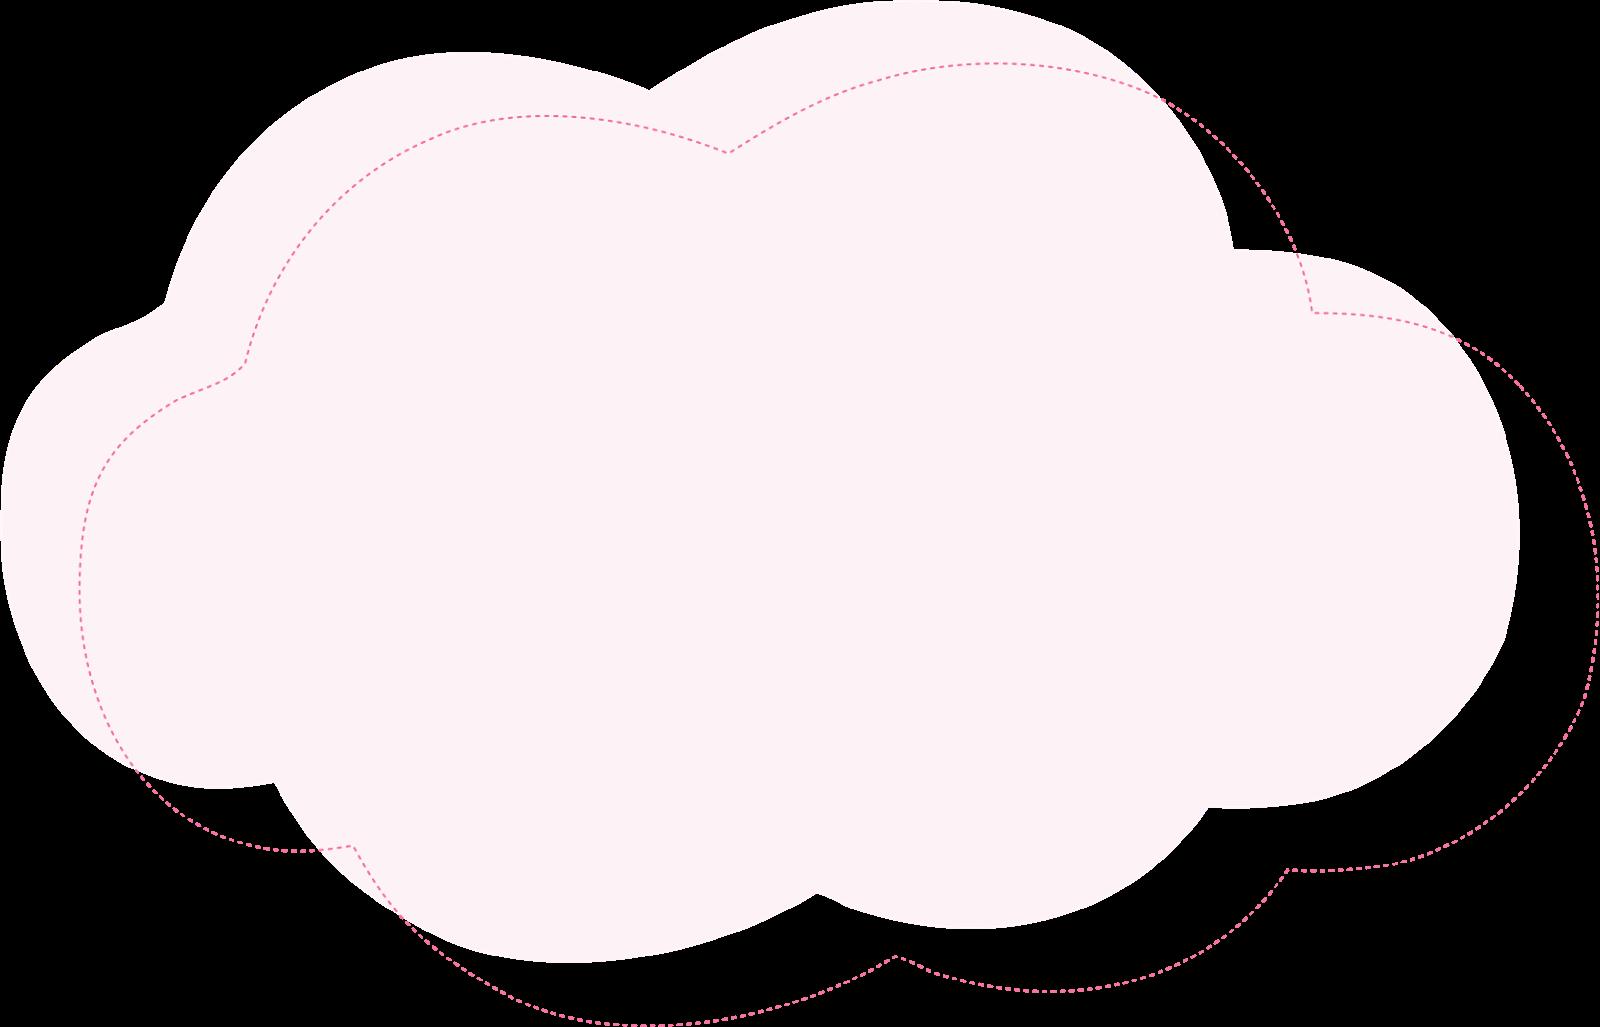 Plantilla Nube Para Hacer Cojin Kawaii Con Forma De Nube